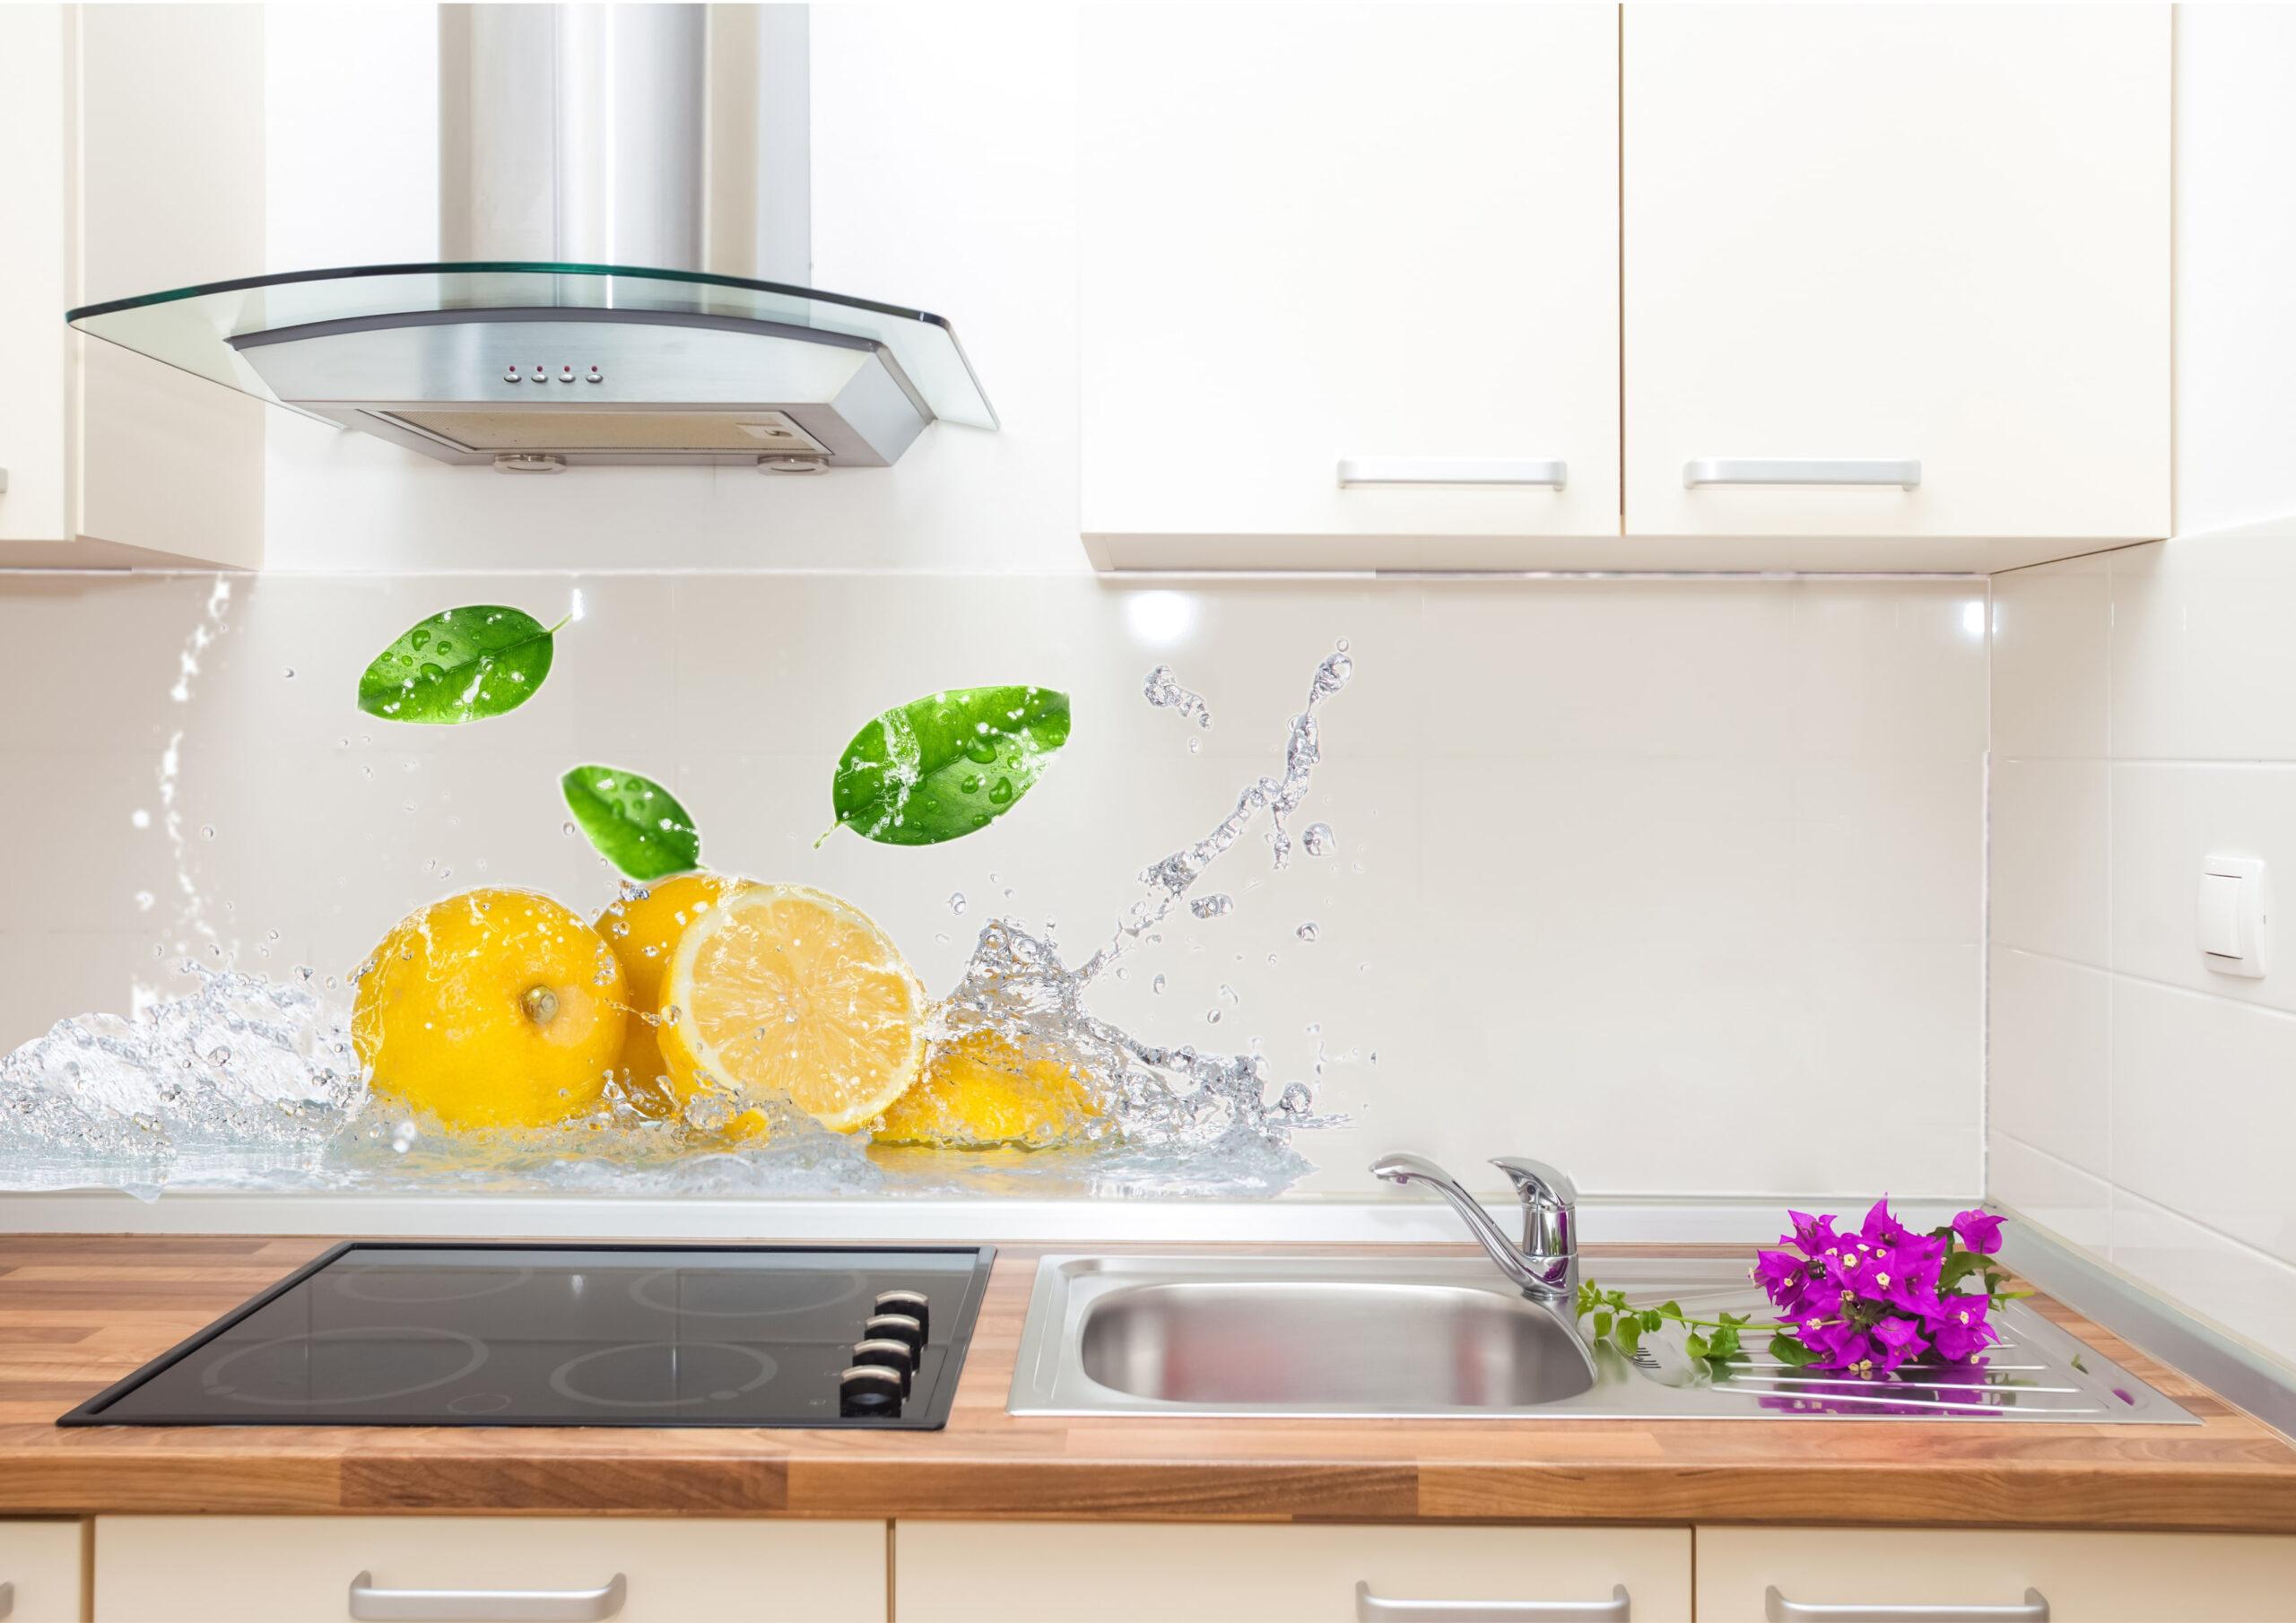 Full Size of Küchen Glasbilder Spritzschutz Online Gestalten Kaufen Schn Wieder Bad Küche Regal Wohnzimmer Küchen Glasbilder